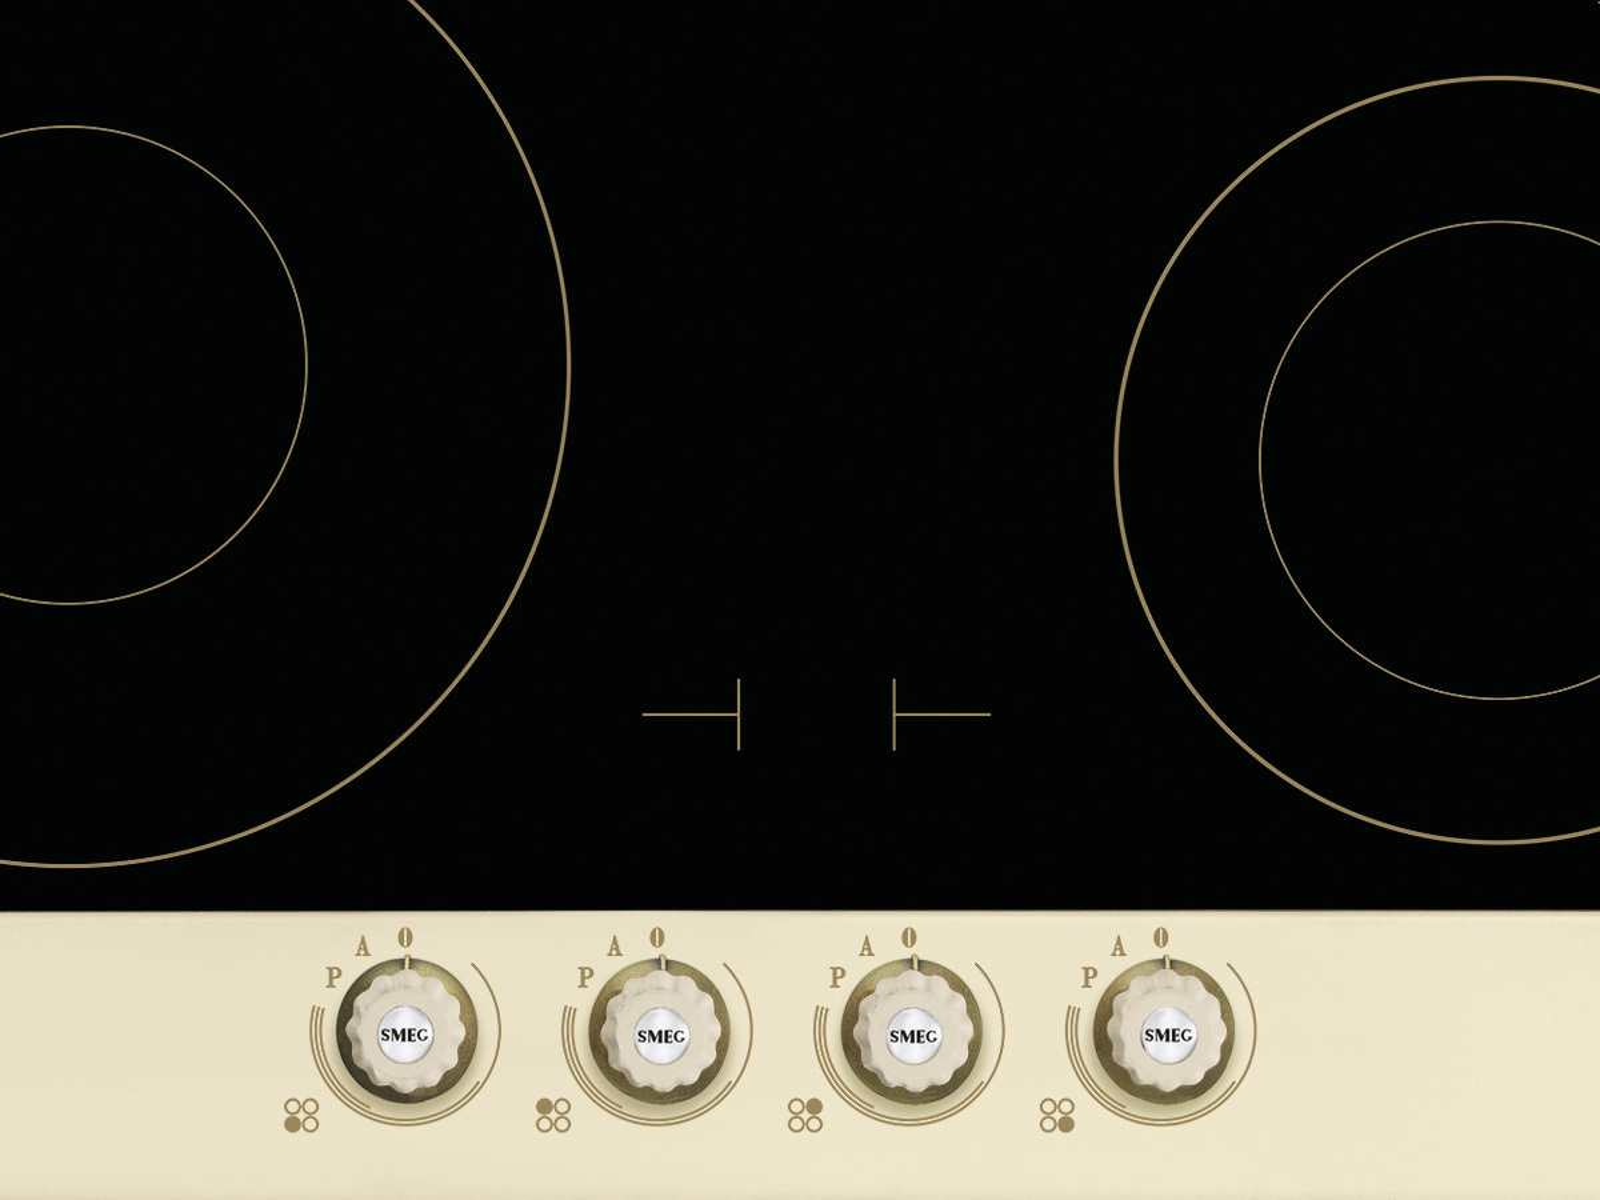 smeg pi764po induktion glaskeramik kochfeld autark f r. Black Bedroom Furniture Sets. Home Design Ideas